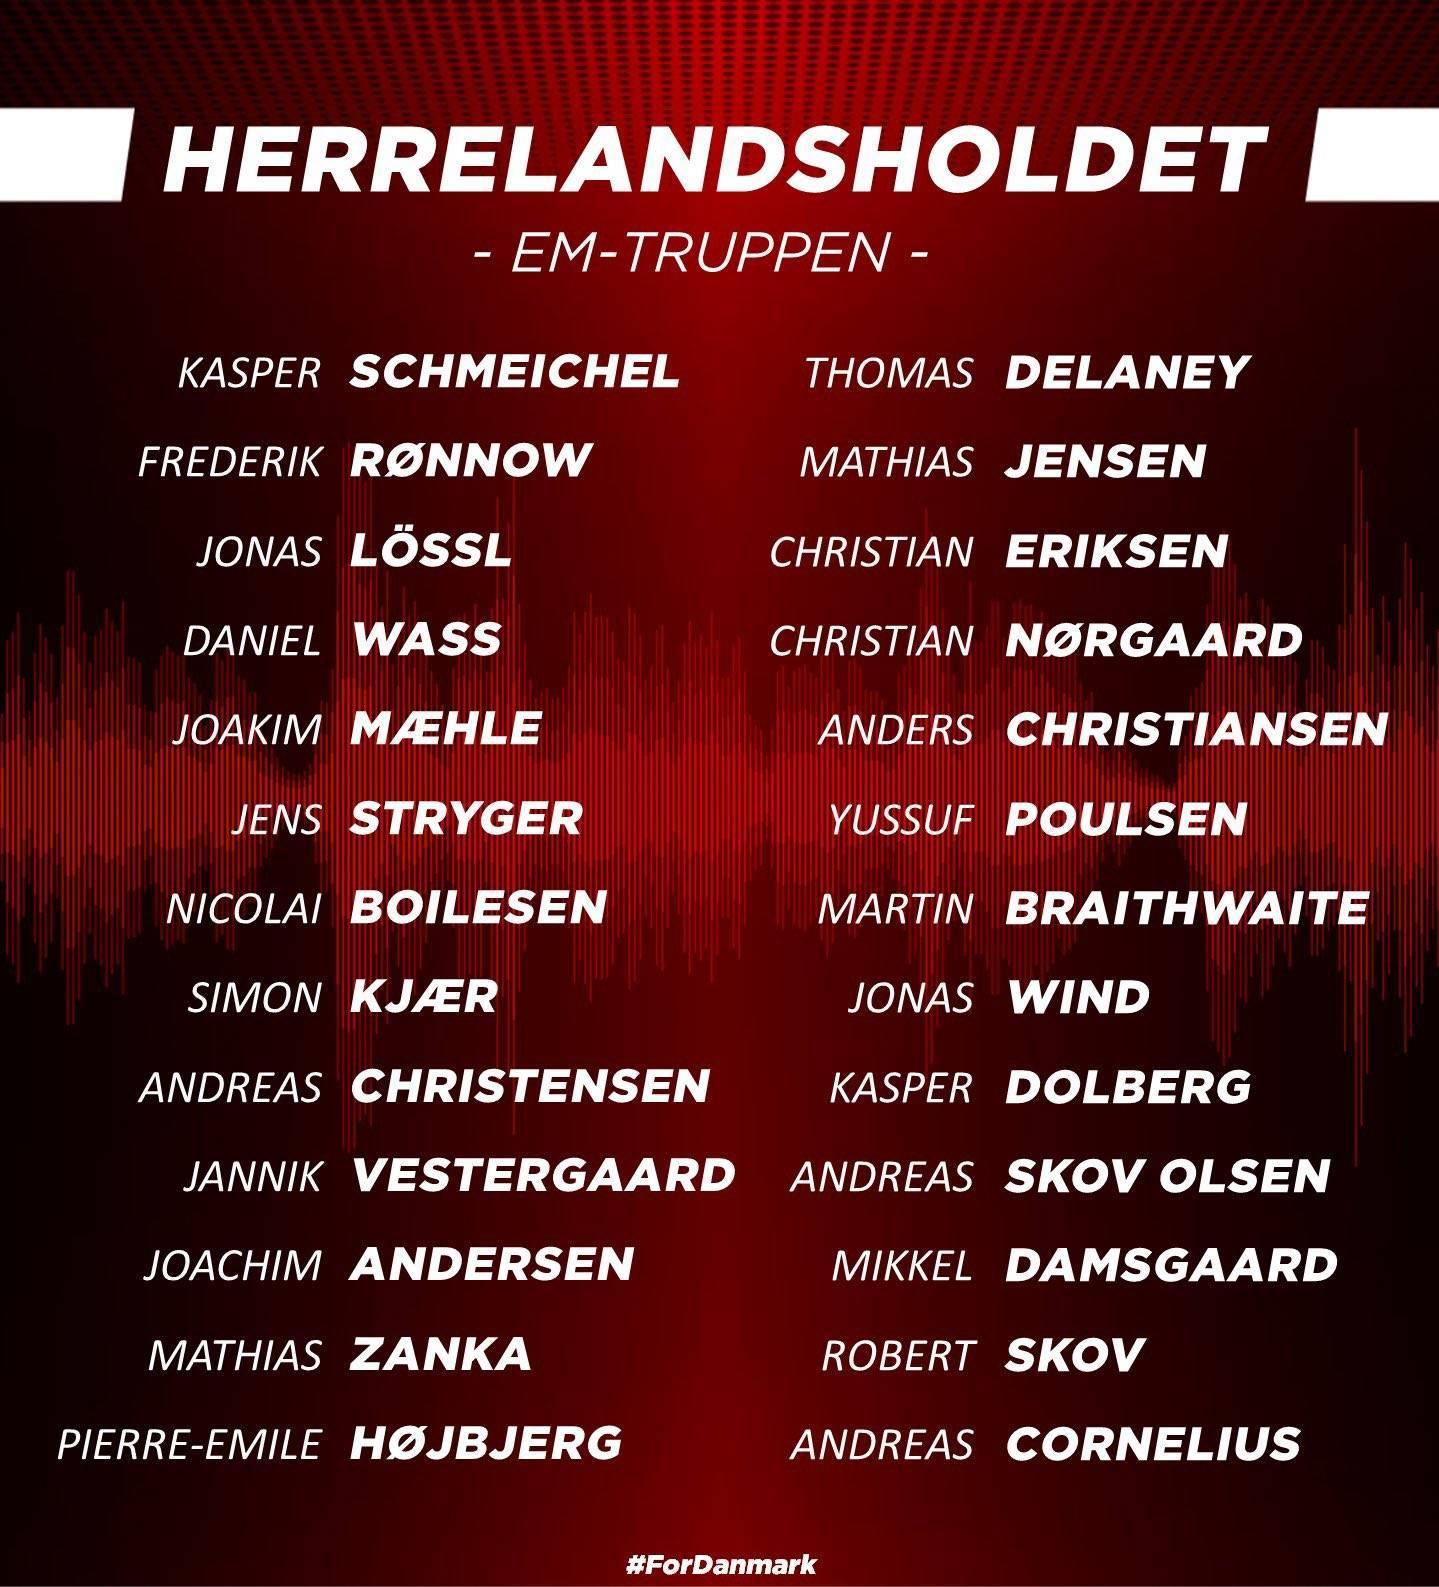 欧洲杯-丹麦 VS 芬兰, 独家谍报年夜暴光-亚博APP(图1)